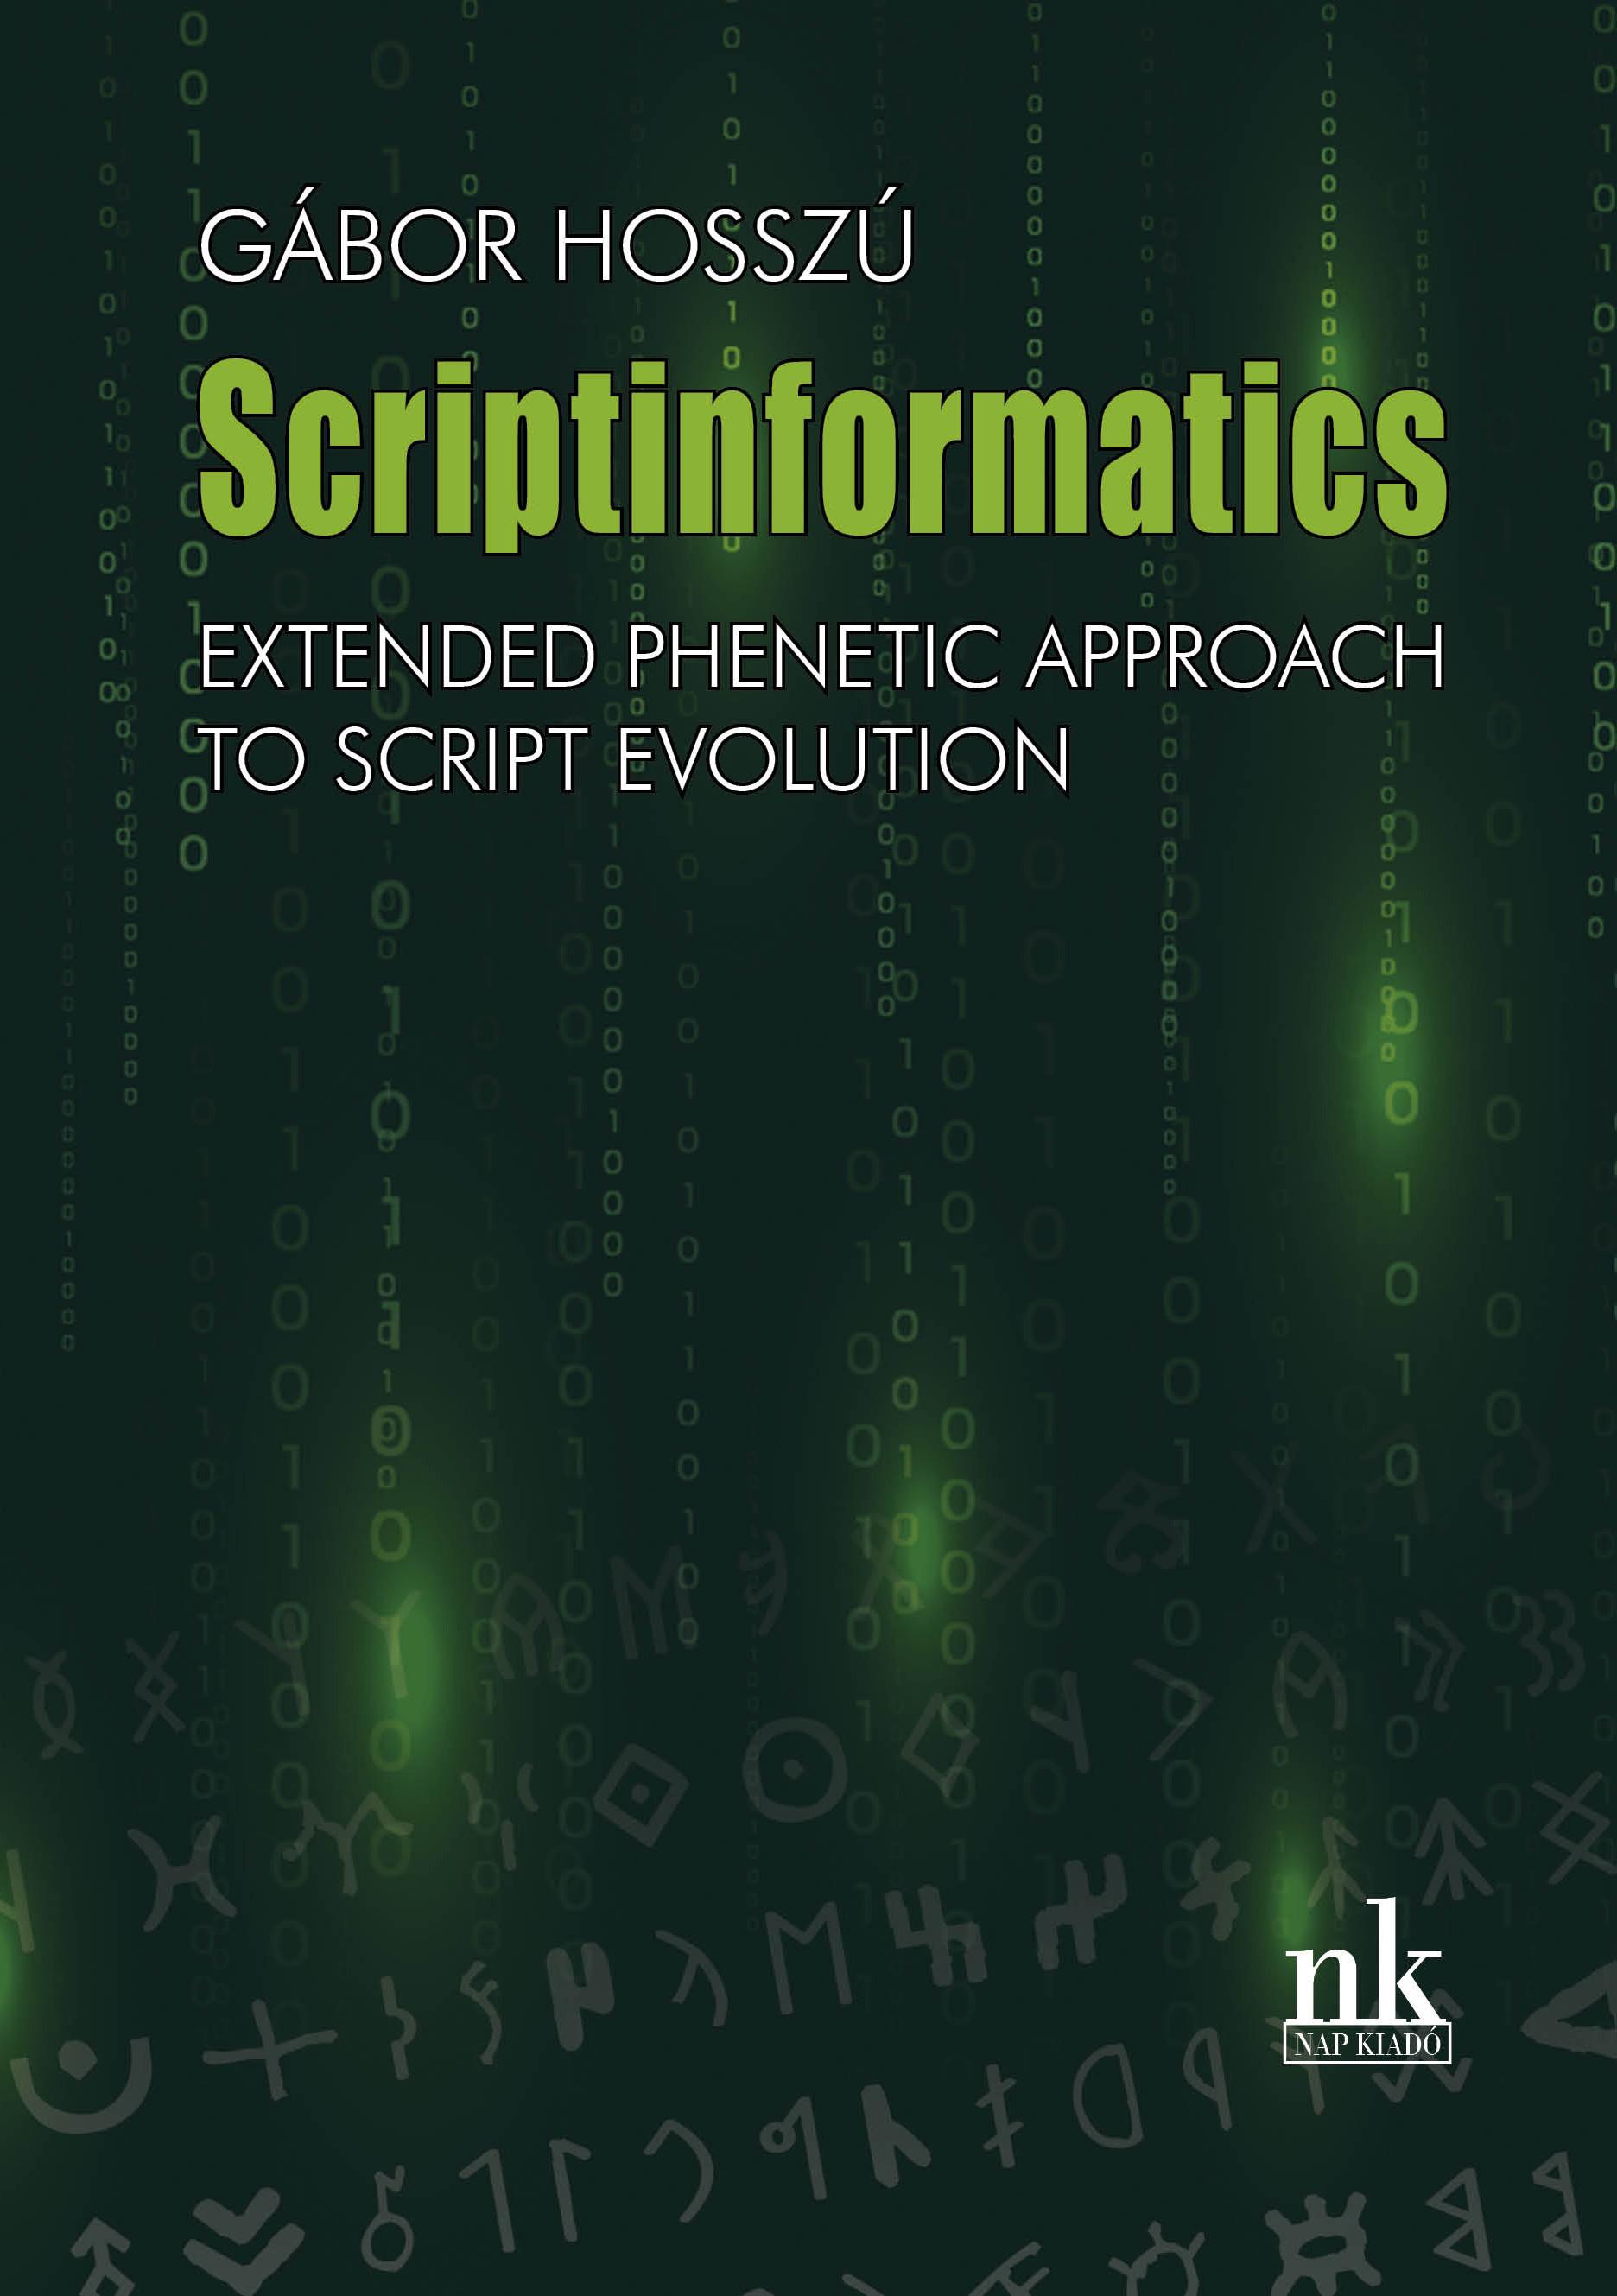 Scriptinformatics